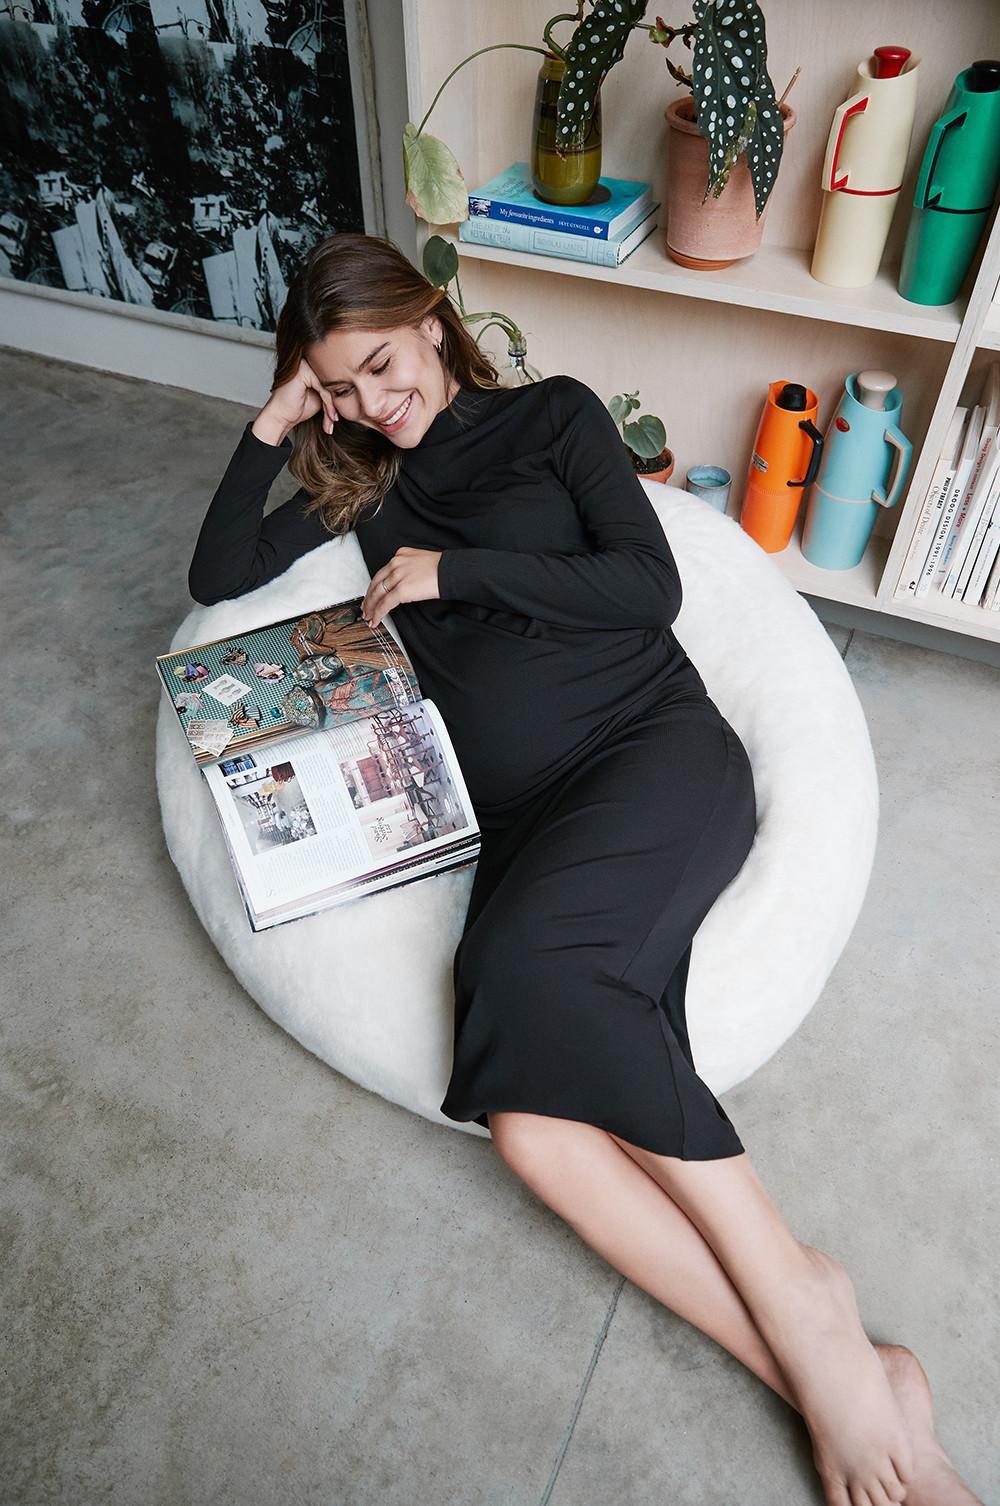 Modelo grávida recostada num pufe, veste um vestido midi preto de manga comprida, enquanto lê uma revista